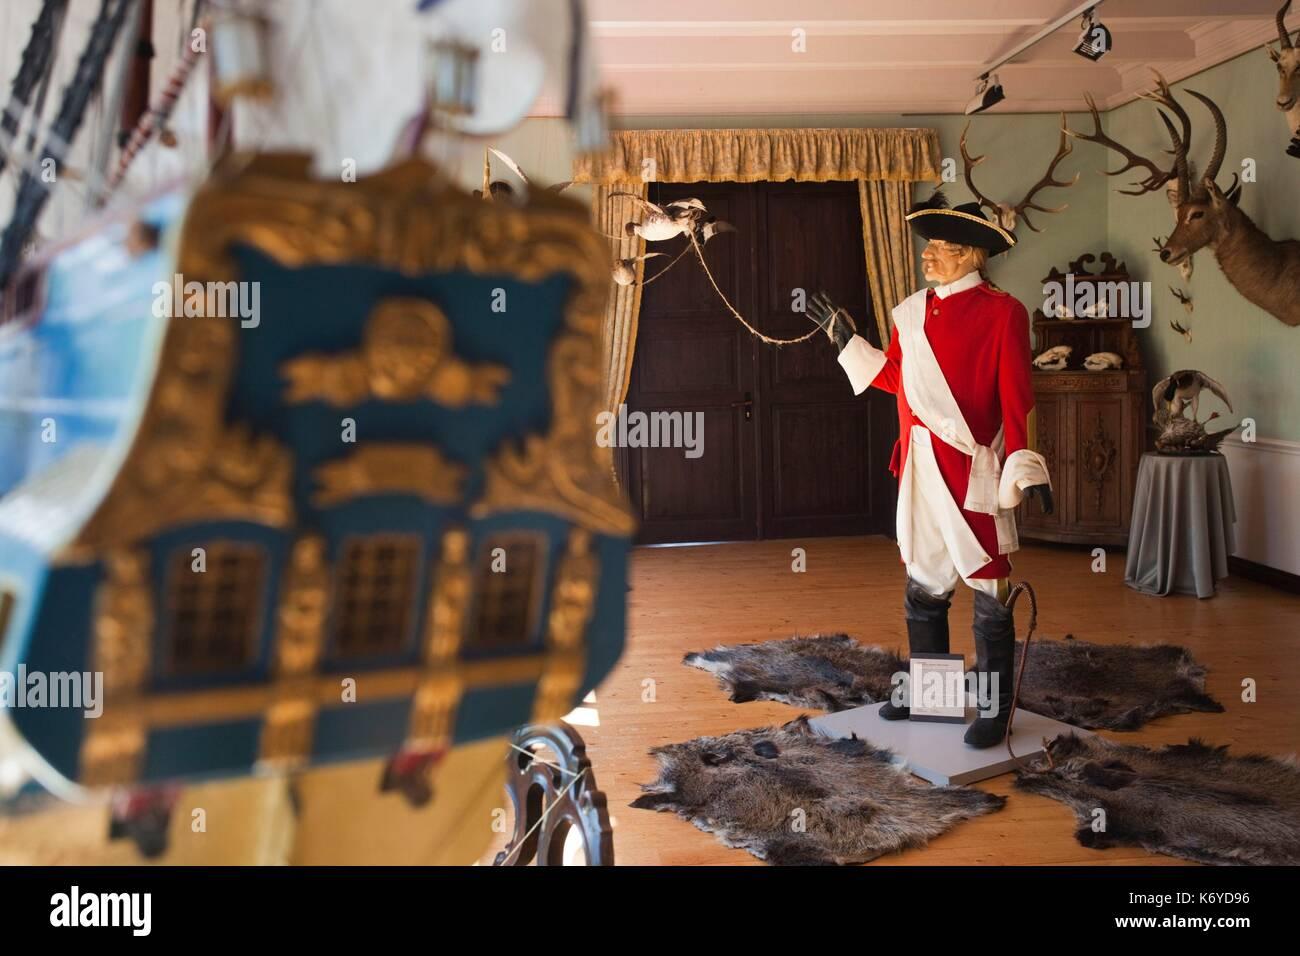 Letonia, al noreste de Letonia, Vidzeme, Región Costa Dunte, Break del Barón Karl von Munchausen, escritor de historias fantásticas, estatua de Munchausen Foto de stock